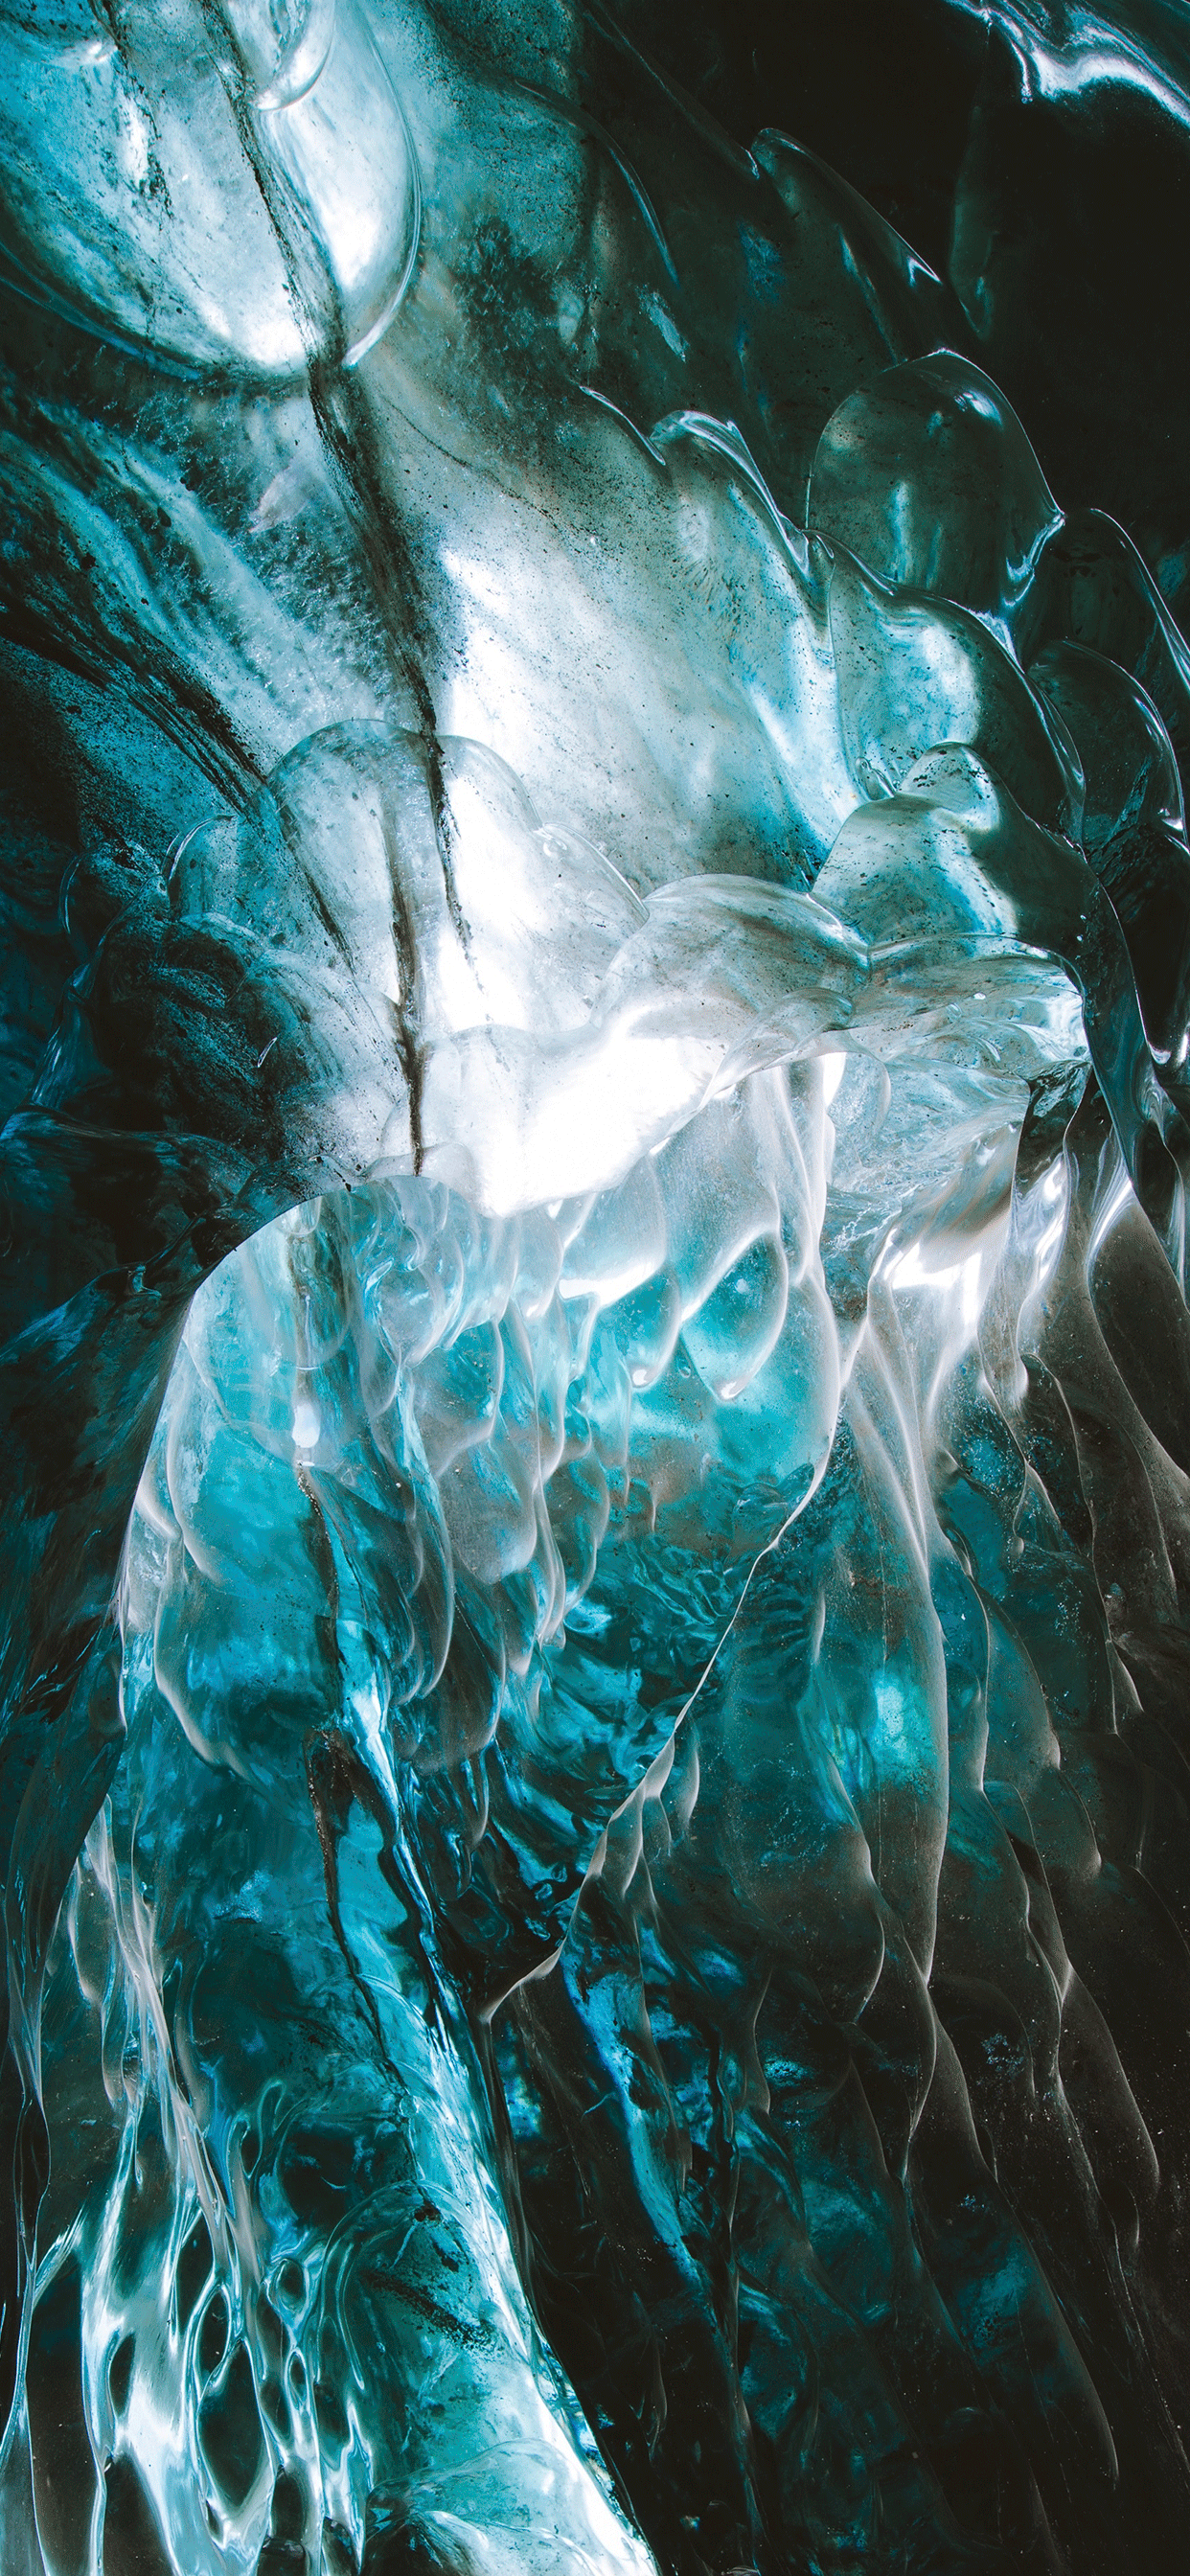 iPhone wallpapers cave iceland Fonds d'écran iPhone du 22/05/2019